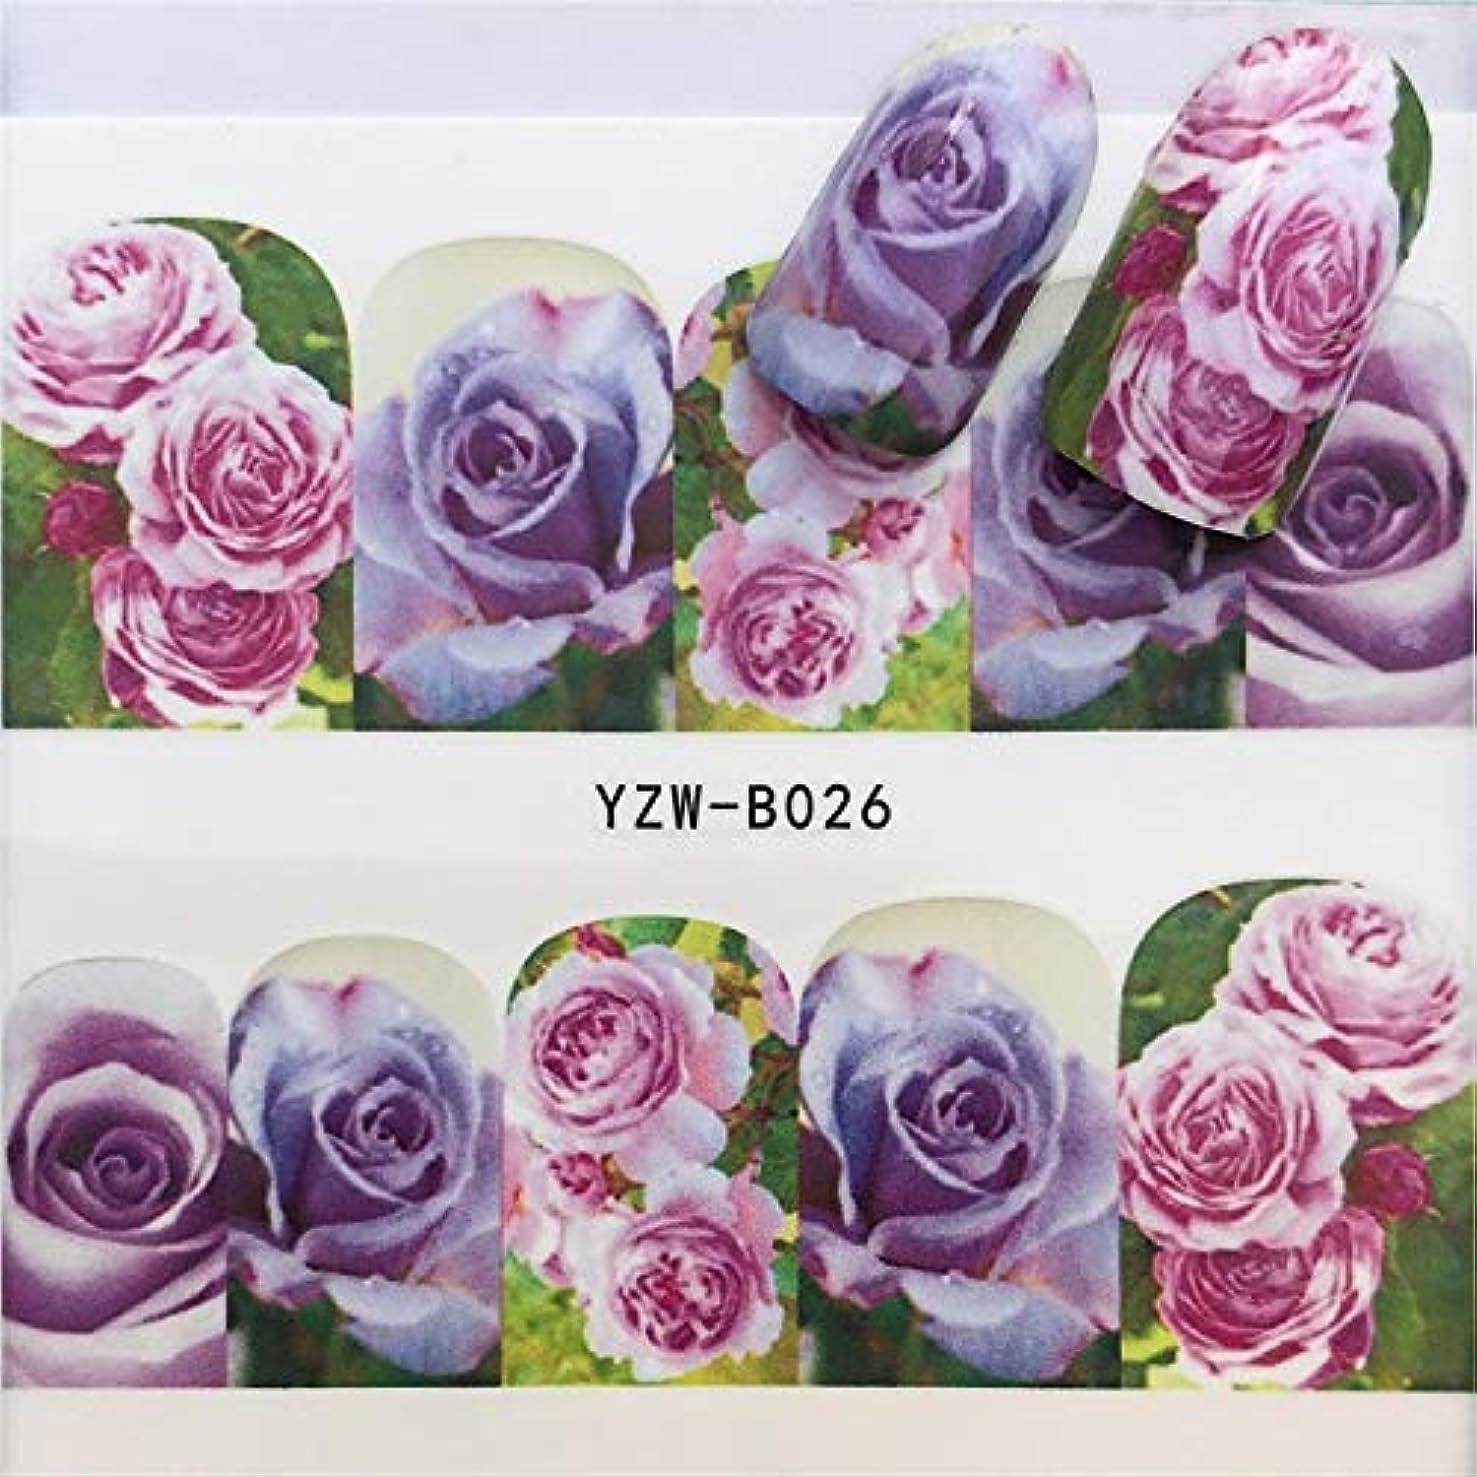 ちょうつがいに勝る権利を与えるYan 3個ネイルステッカーセットデカール水転写スライダーネイルアートデコレーション、色:YZWB026